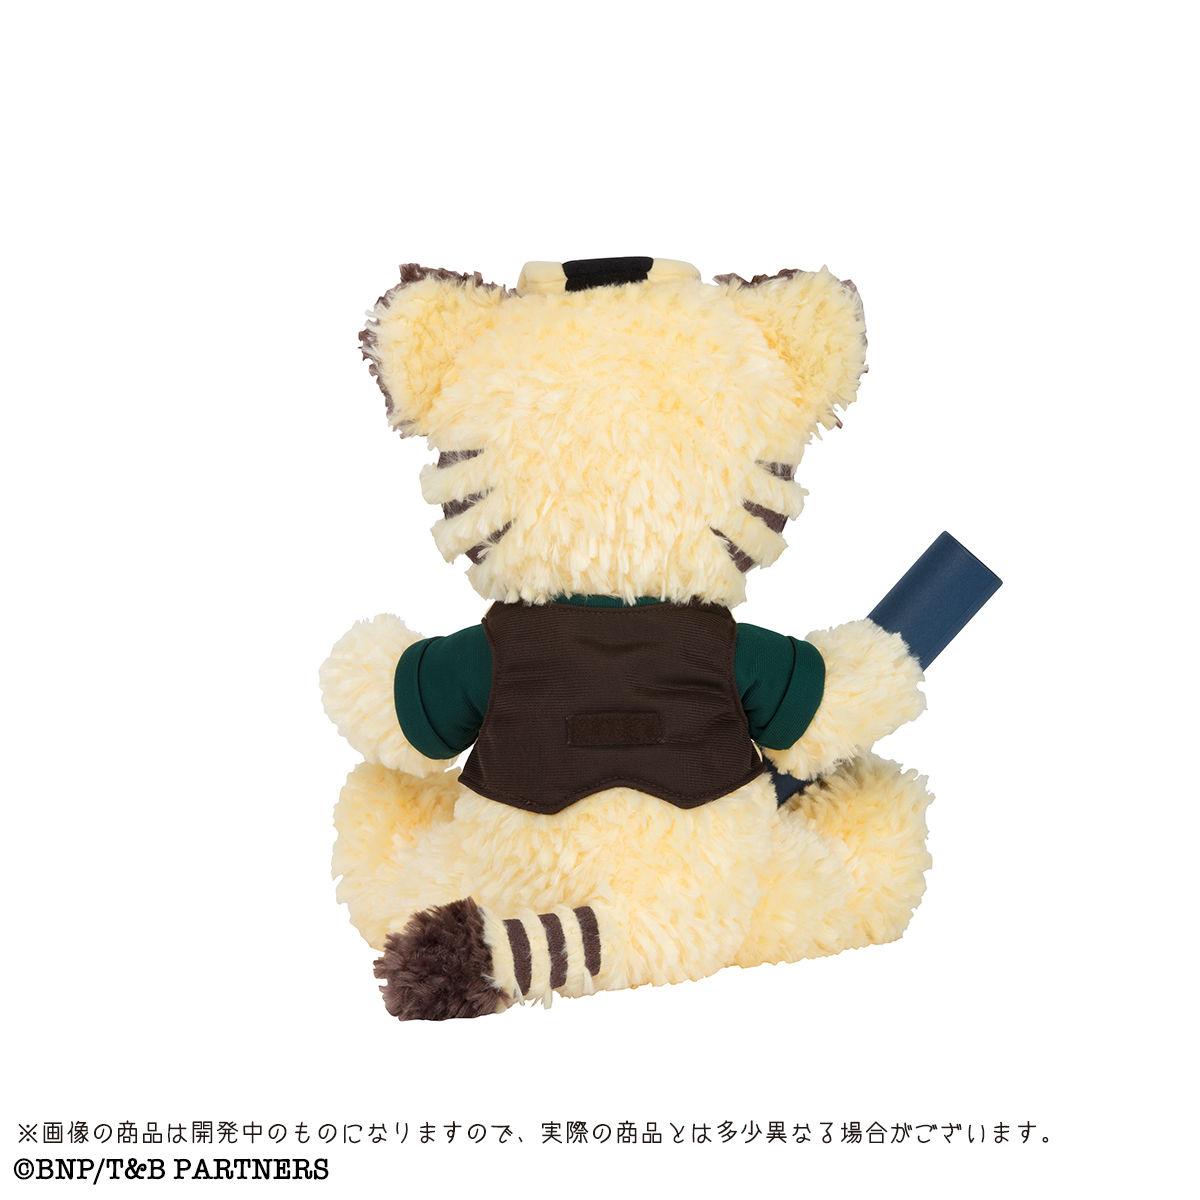 【限定販売】タイバニ『グリーティングレター with TIGER & BUNNY』TIGER & BUNNY ぬいぐるみ-005